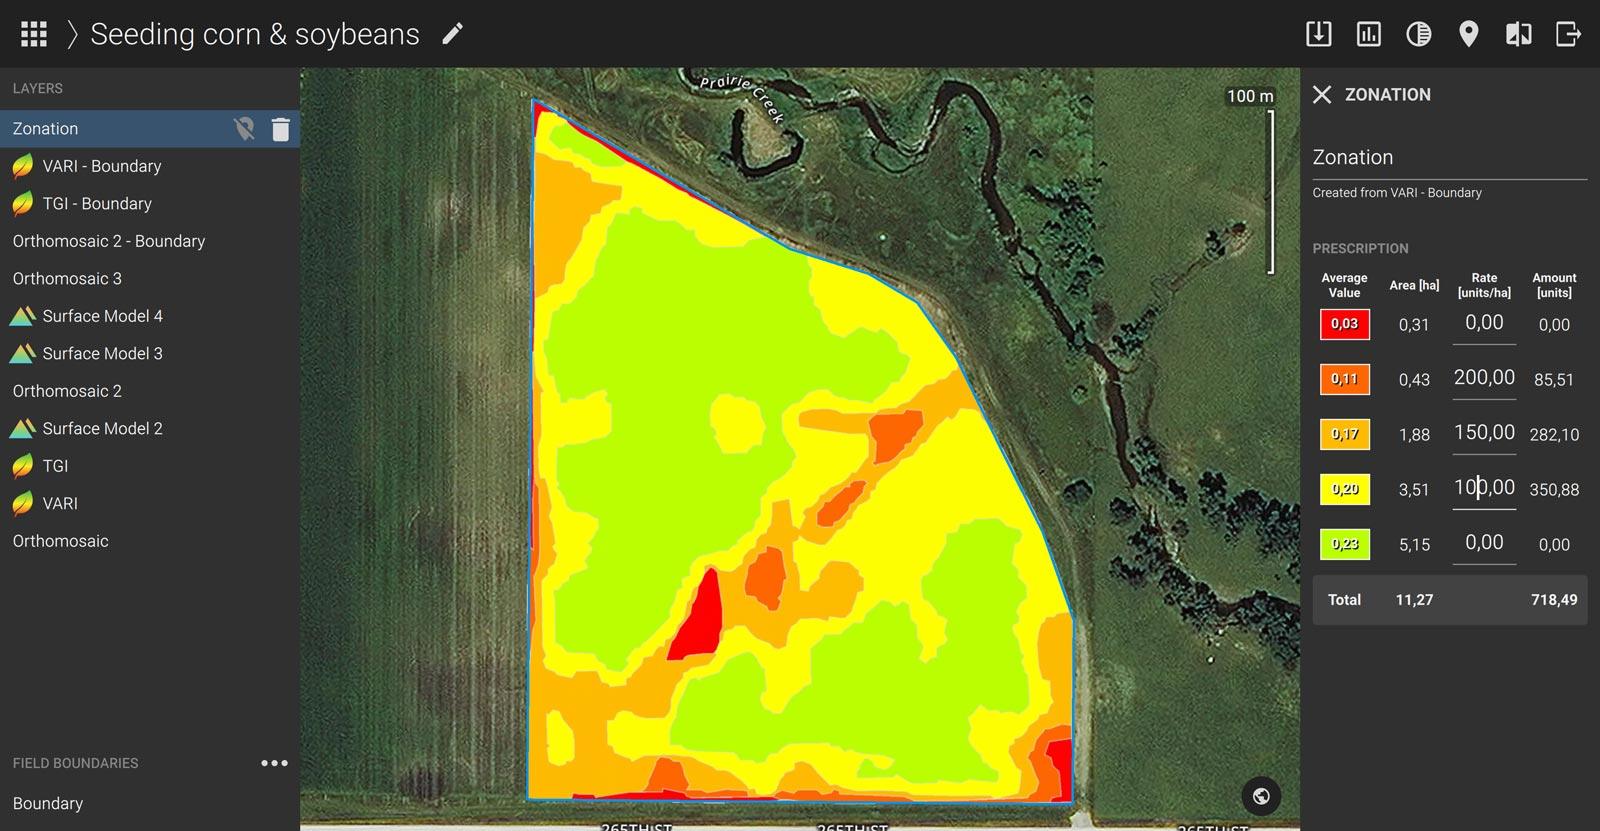 John Deere Pix4Dfields zonation map